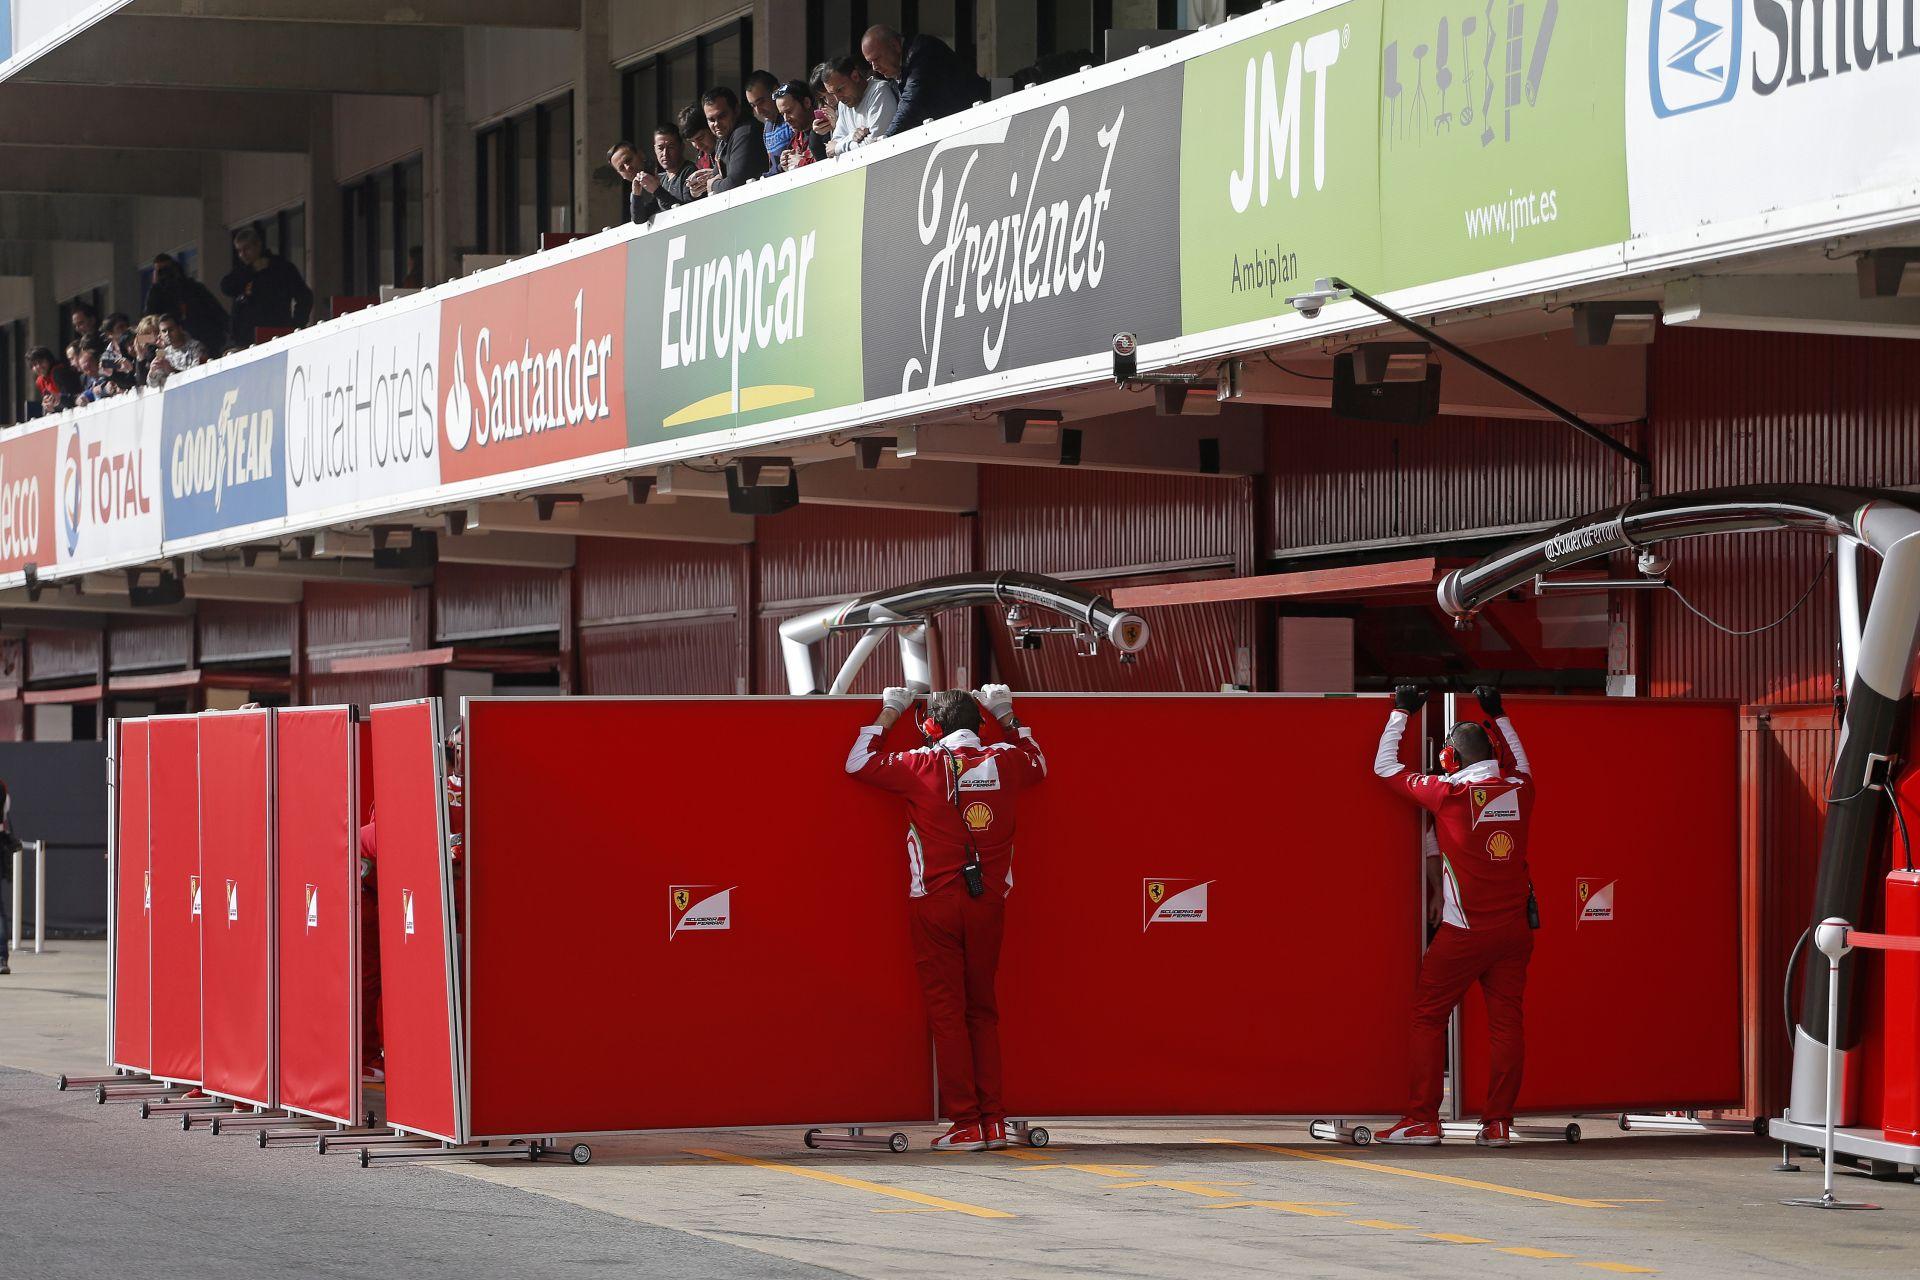 Mindenki a Ferrarit mondja, szóval Hamilton is, csak ne kerüljenek eléjük!